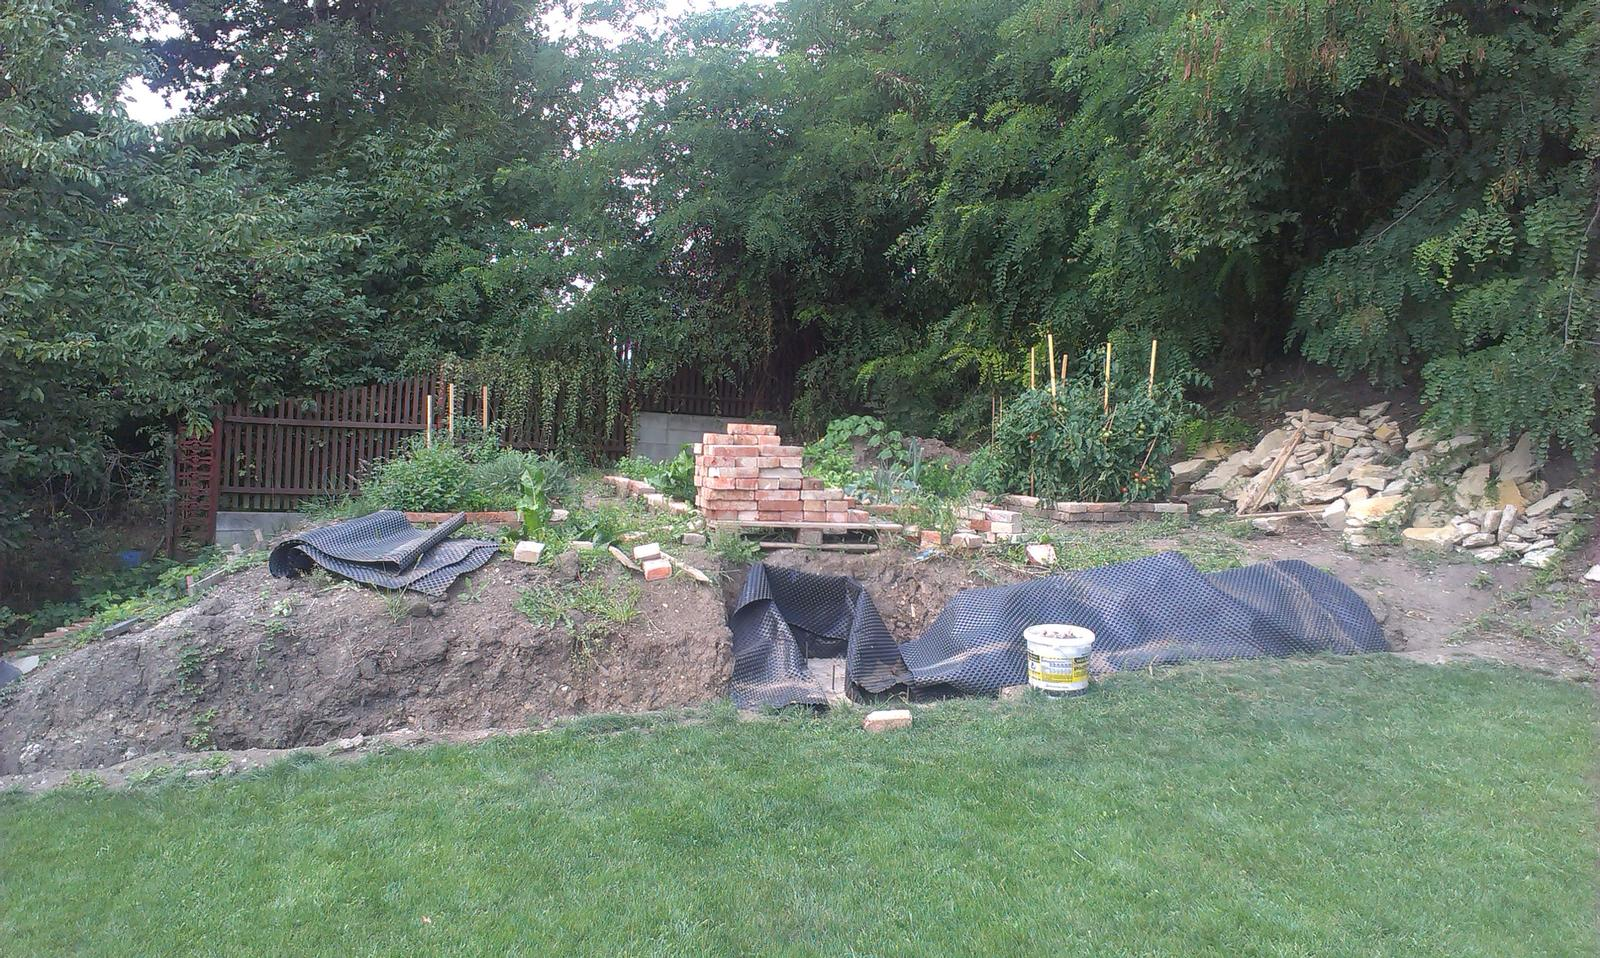 Záhrada - izolujeme a máme technologickú pauzu (olá olá dovolenka volá)